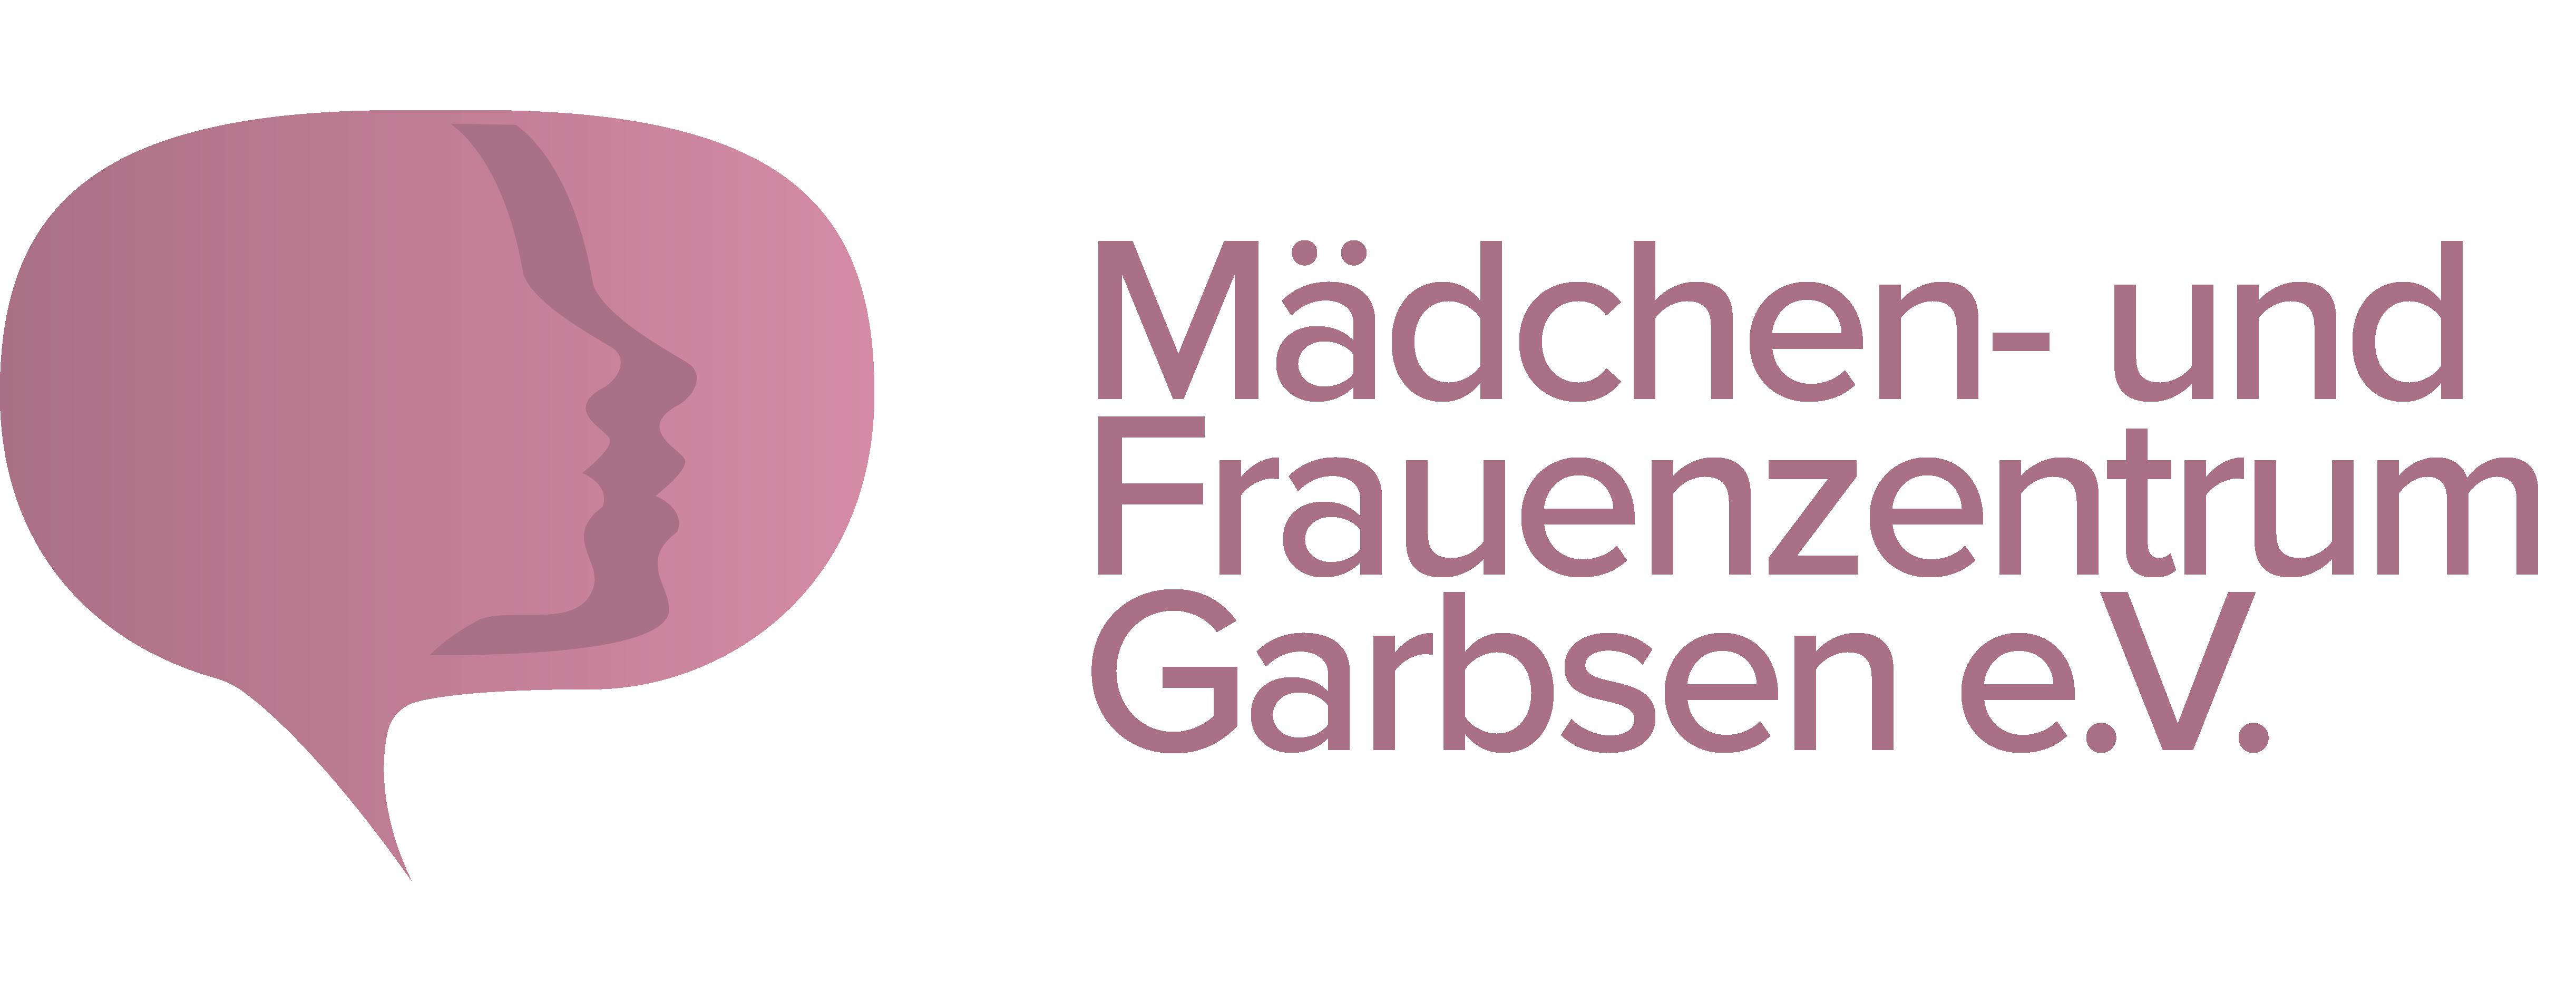 Mädchen- und Frauenzentrum Garbsen